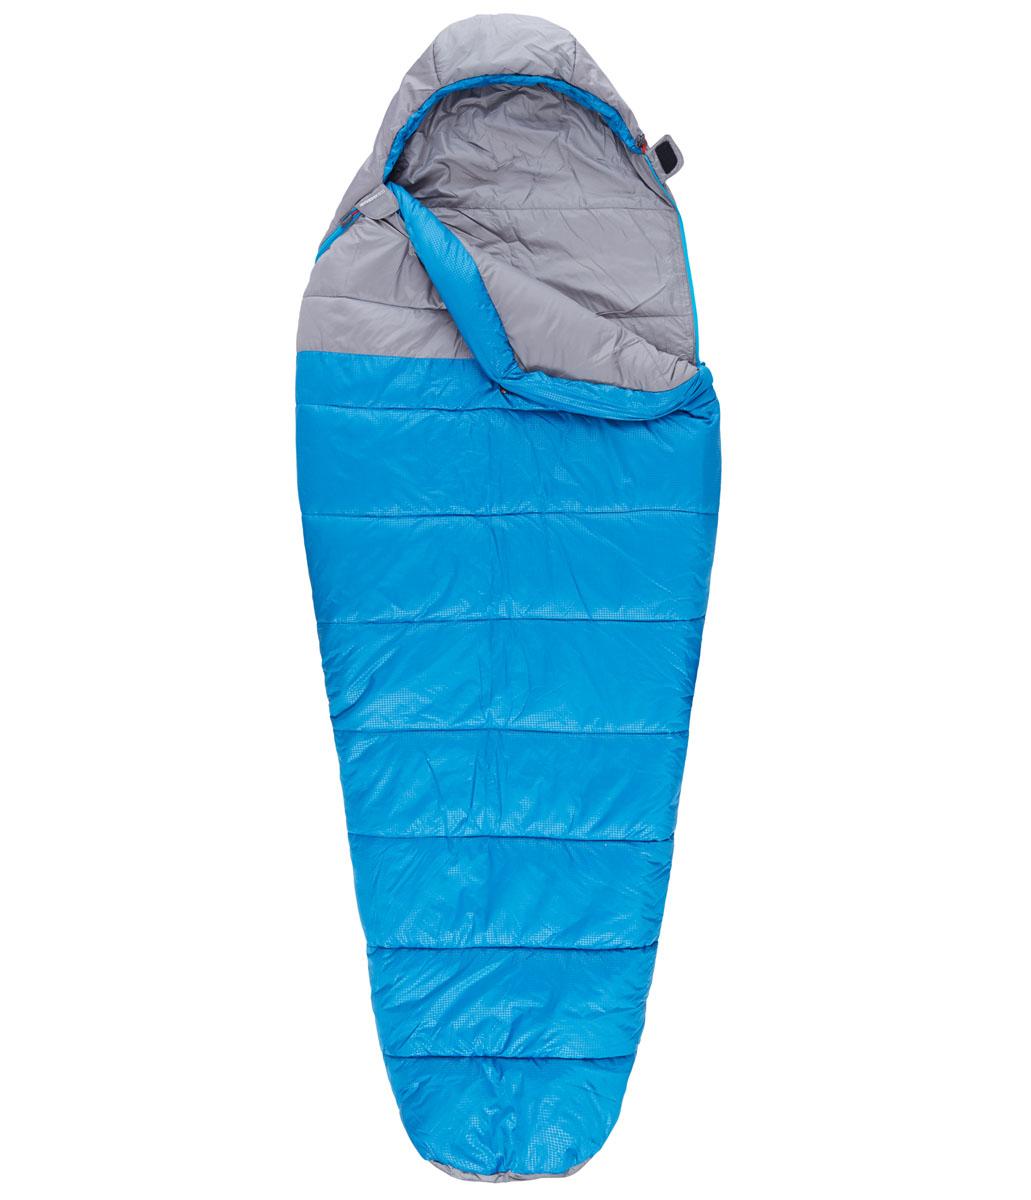 Спальный мешок The North Face Aleutian 20/-7, цвет: синий. T0A3A0M8RRH REG95457-325-00Cпальный мешок The North Face Aleutian 20/-7 прекрасно подойдет для путешествий, походов и рыбалки. Его можно целиком расстегнуть и расстелить в палатке. Мешок достаточно вместительный, универсальный, теплый и комфортный. Наружный и внешний слой выполнены из полиэстера. Он имеет:- капюшон,- внутренний карман,- отделение под подушку,- защита от закусывания молнии, - тепловой воротник,- тепловой валик молнии, - петли для сушки.